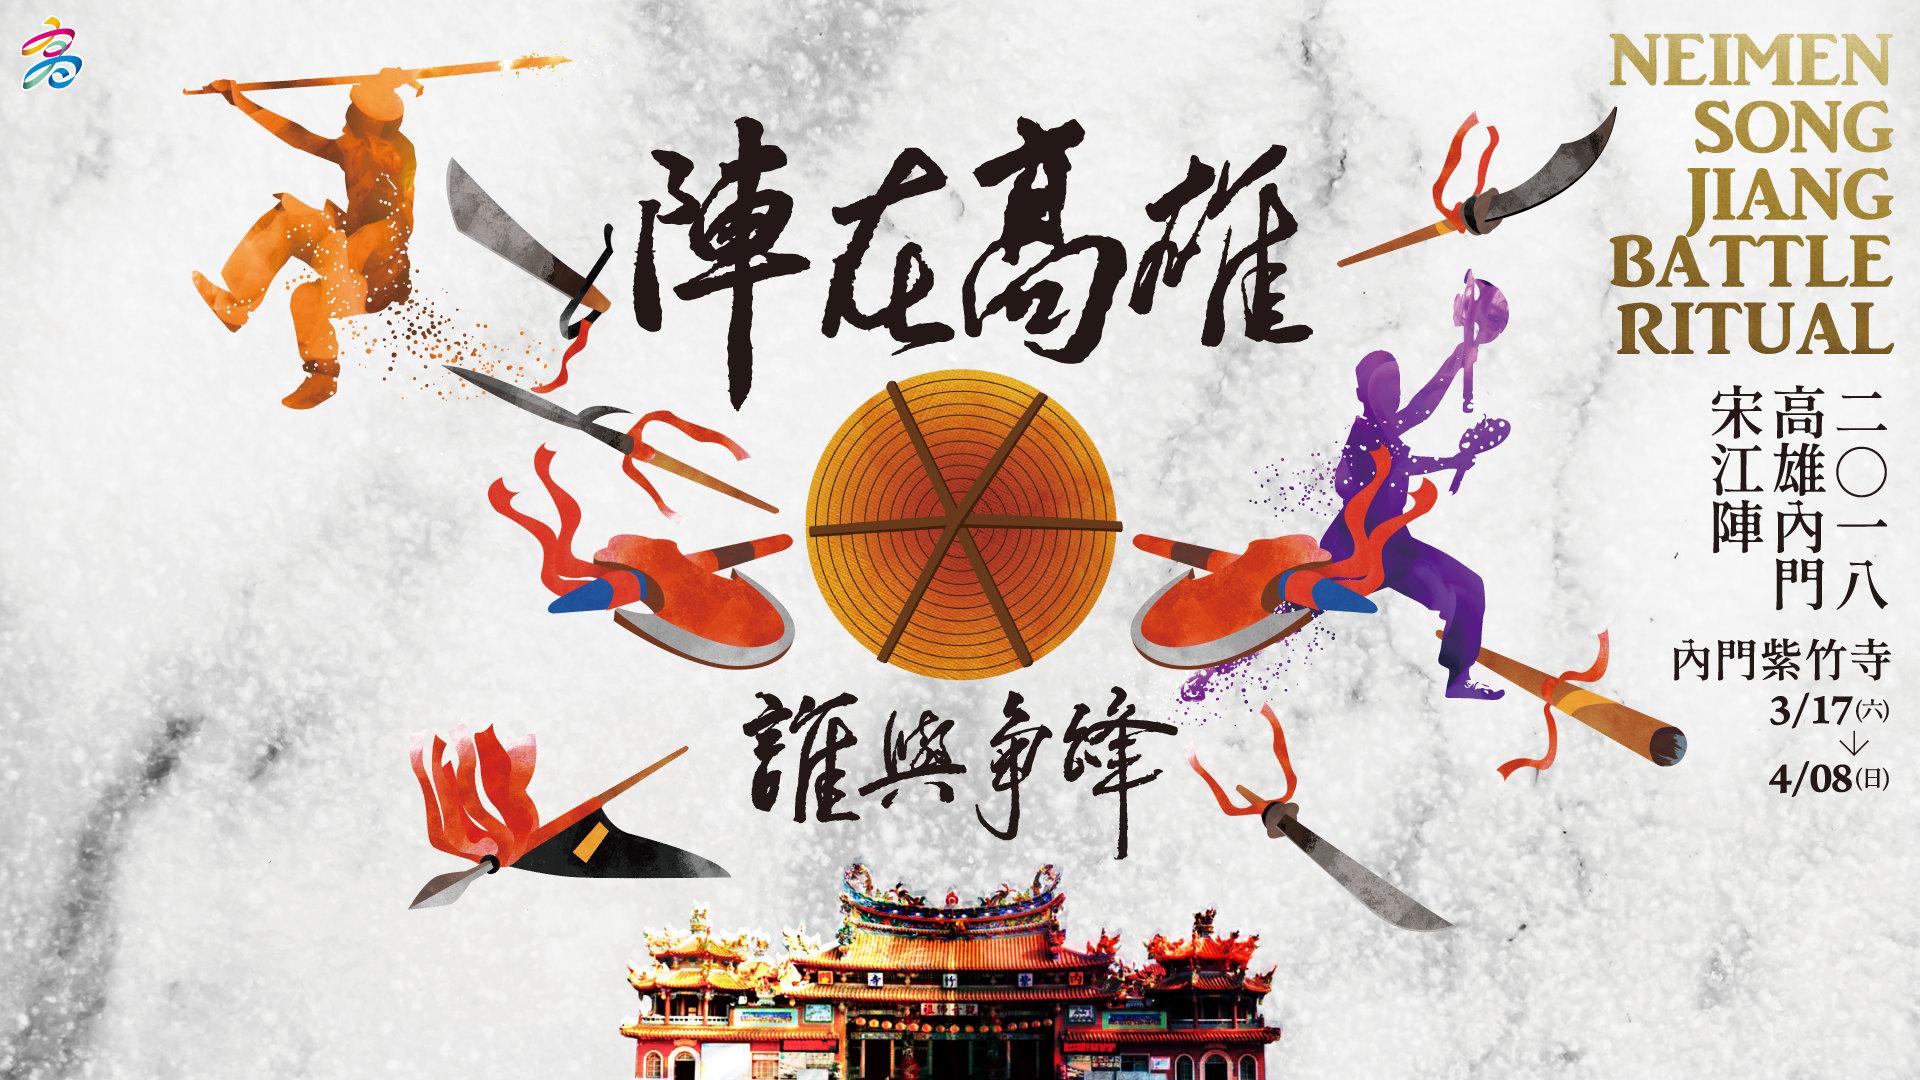 2018高雄內門宋江陣網站主視覺